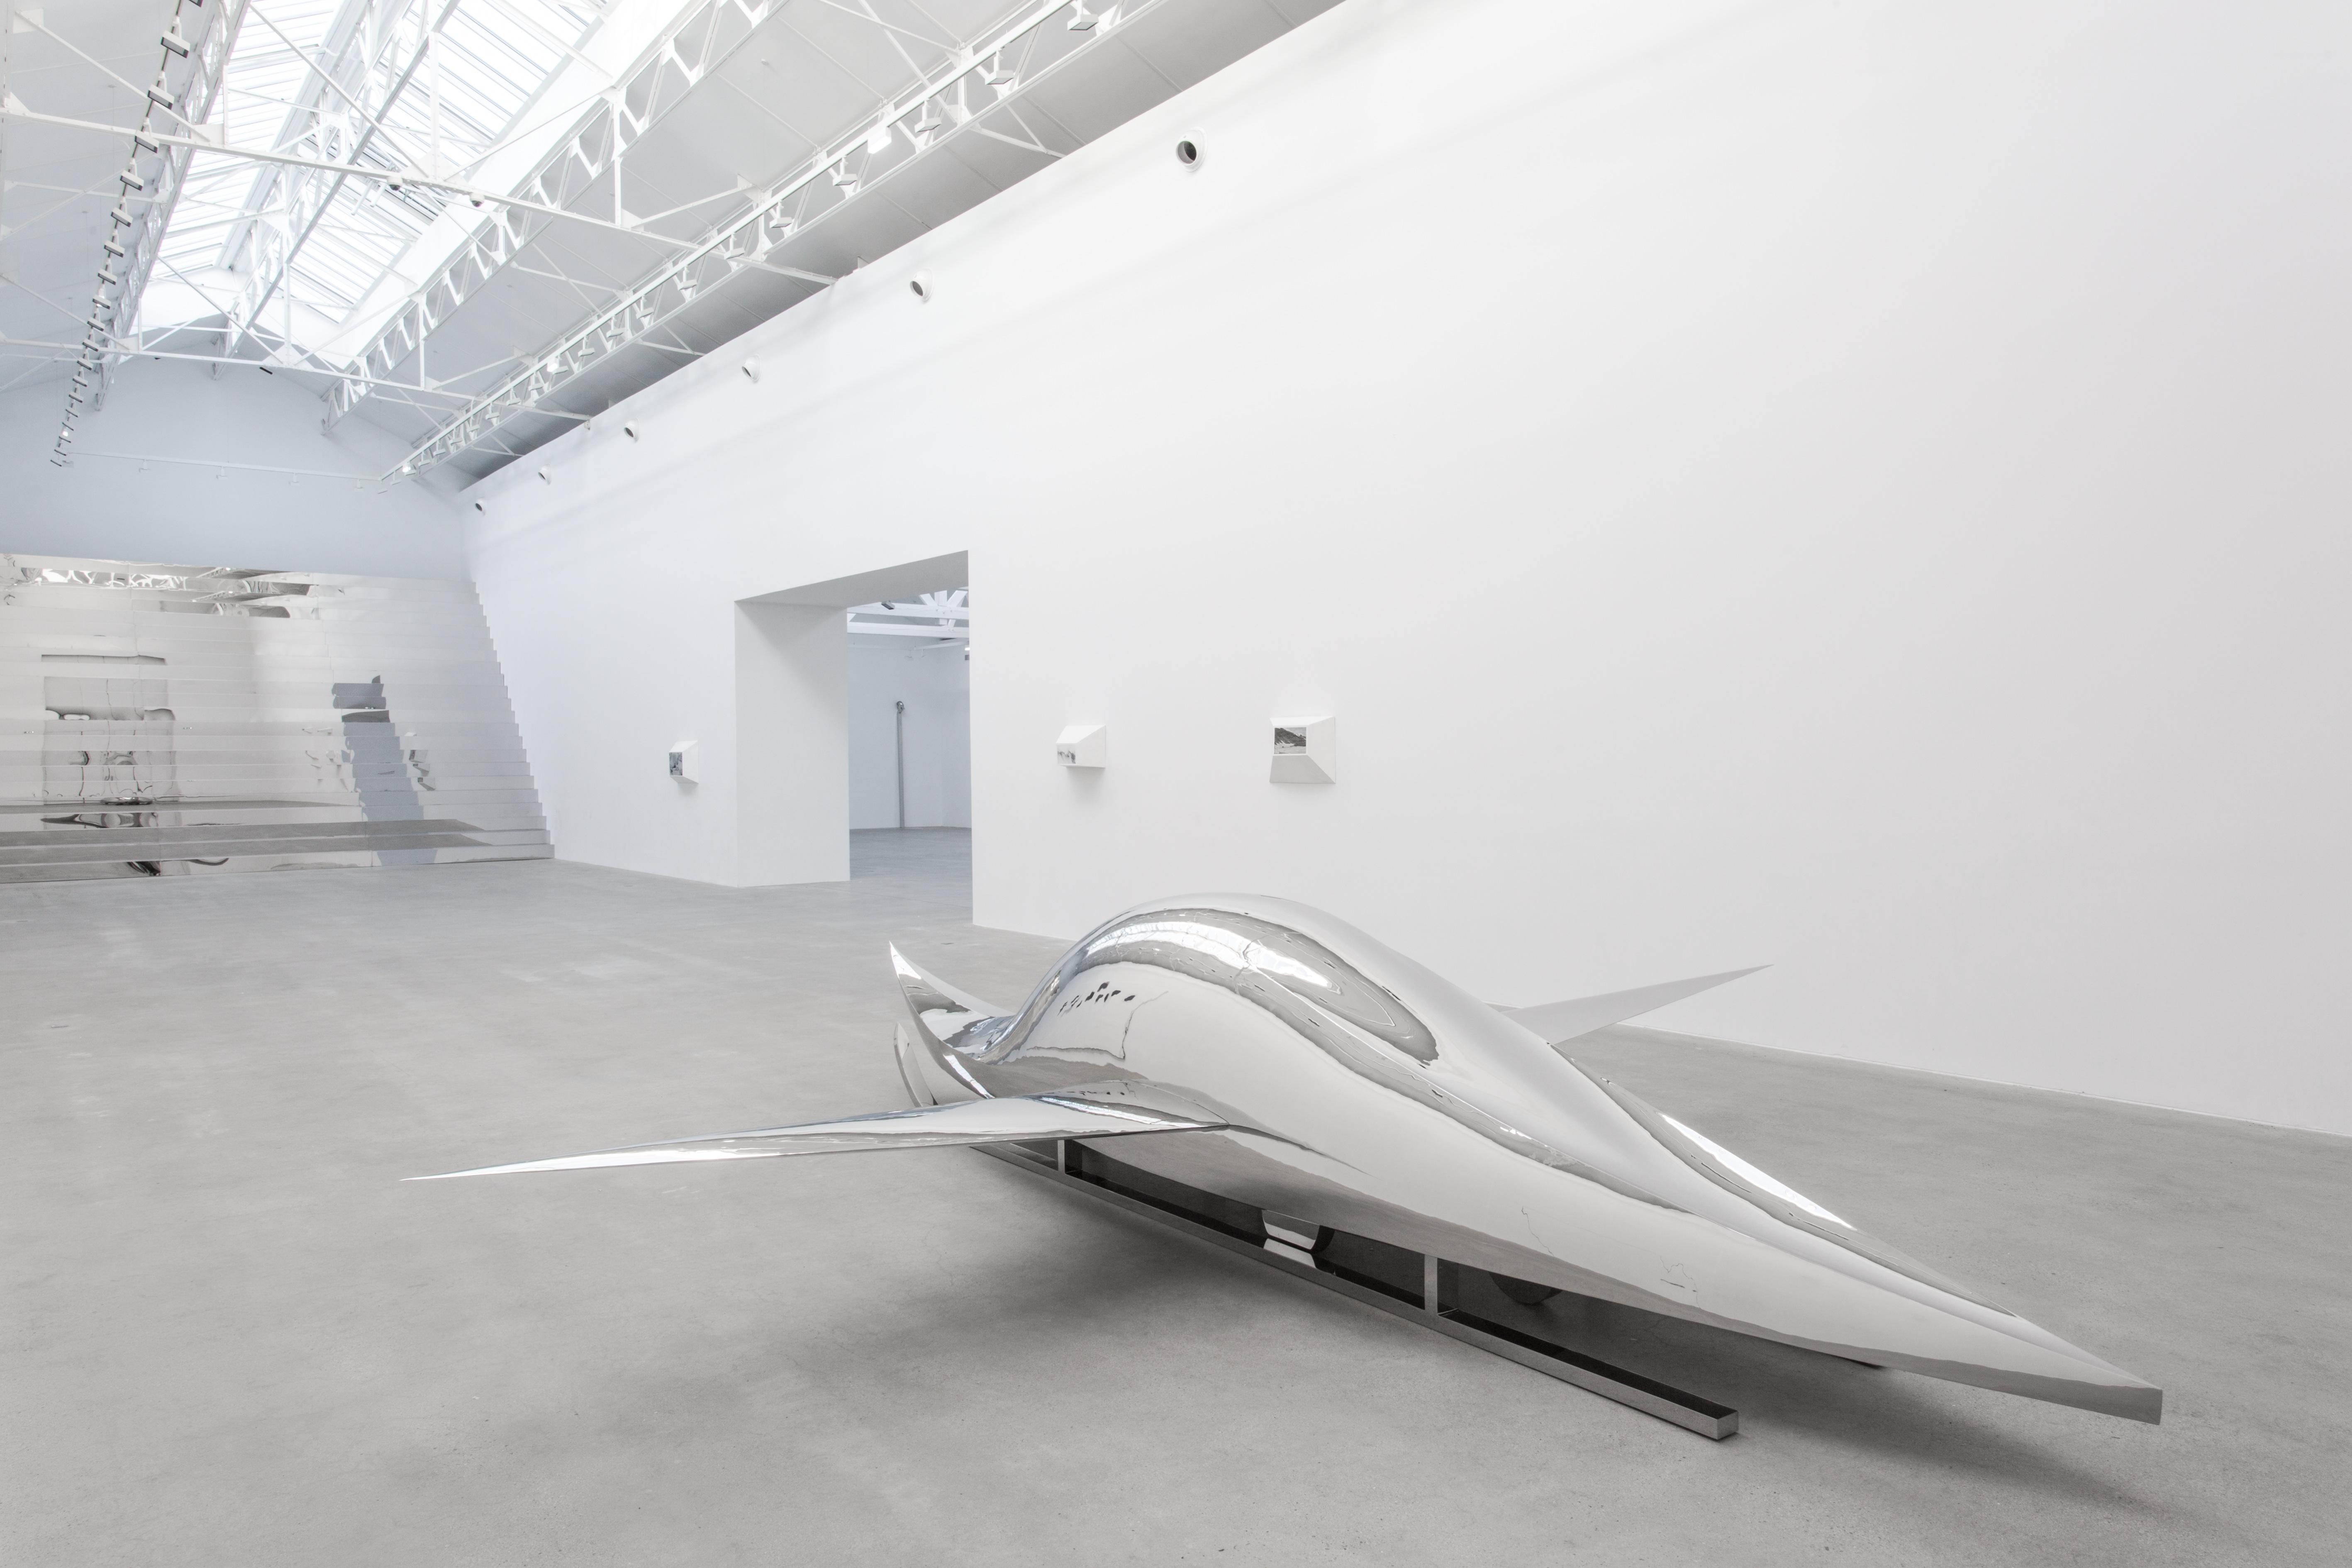 """Vue de l'nstallation """"A Plane, a Boat, a Car, a Sled"""" (2011) de Not Vital, acier chromé, 116 x 367 x 600 cm."""